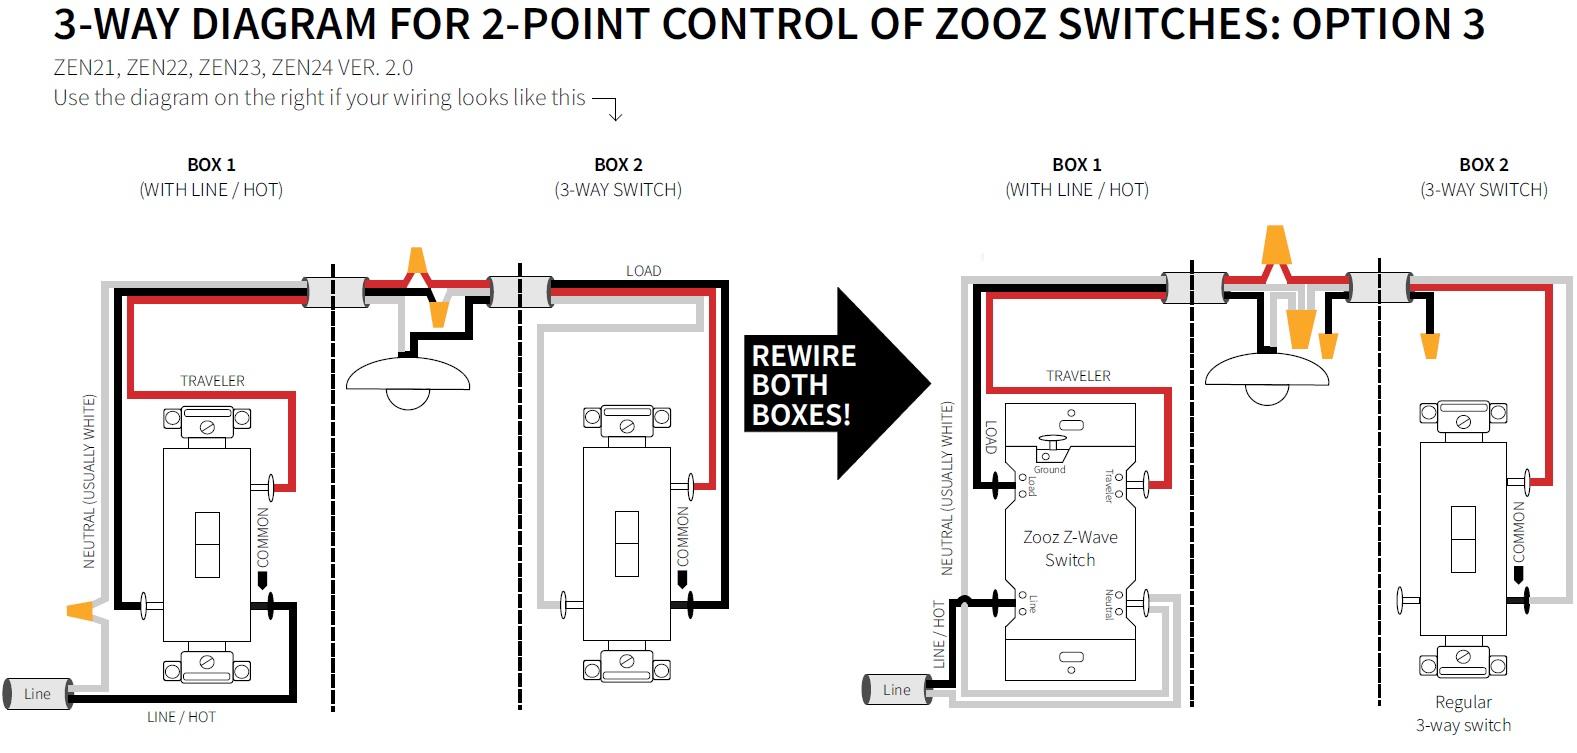 3 Way Wiring Diagram 3 Way Diagrams For Zen21 Zen22 Zen23 And Zen24 Ver 20 30